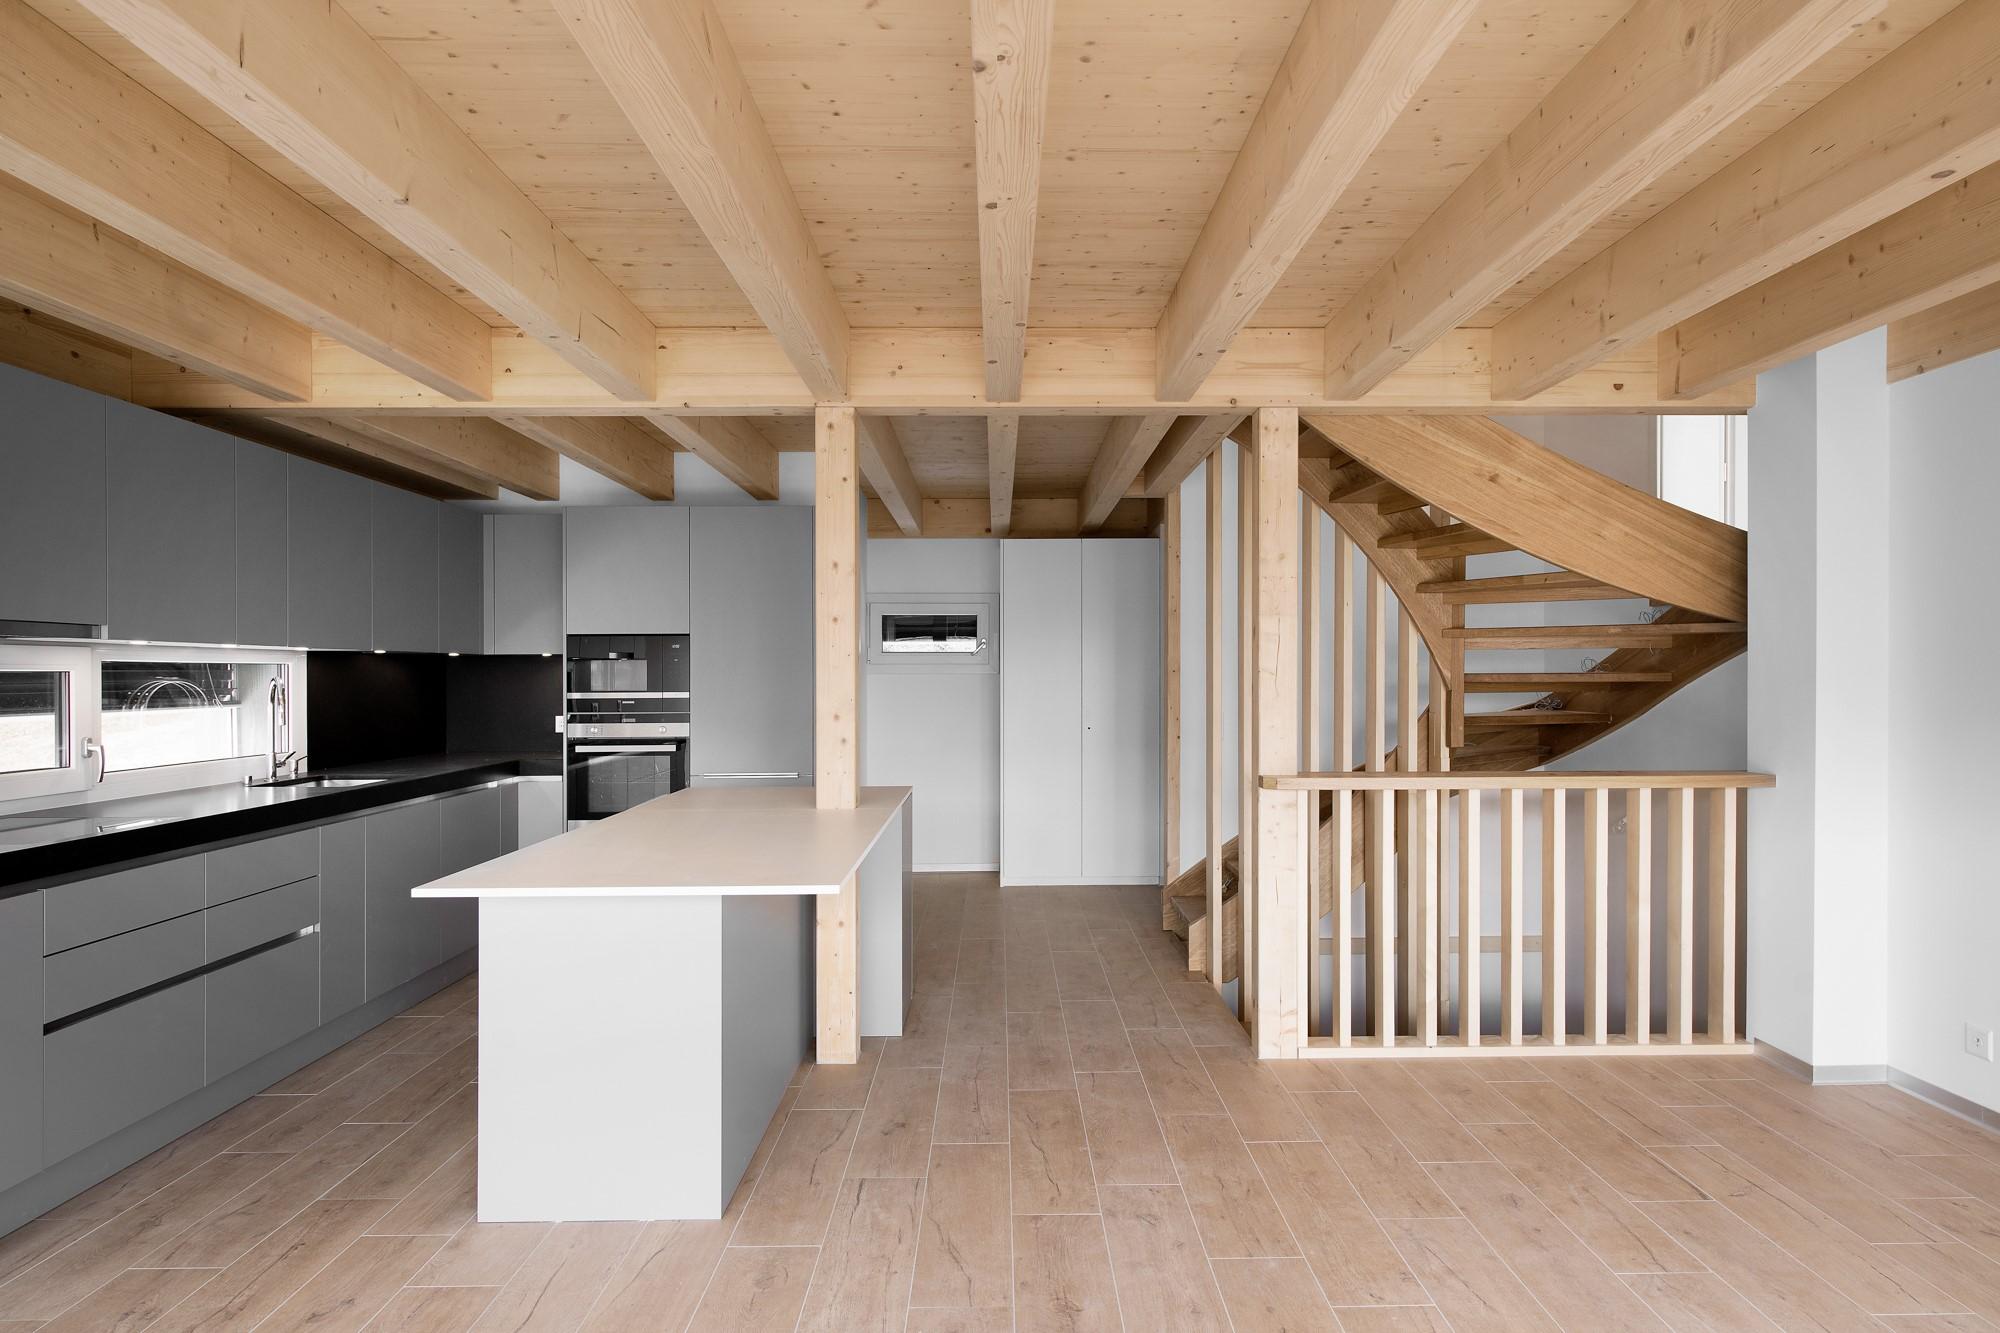 Architecture martin sa in nyon adresse Öffnungszeiten auf